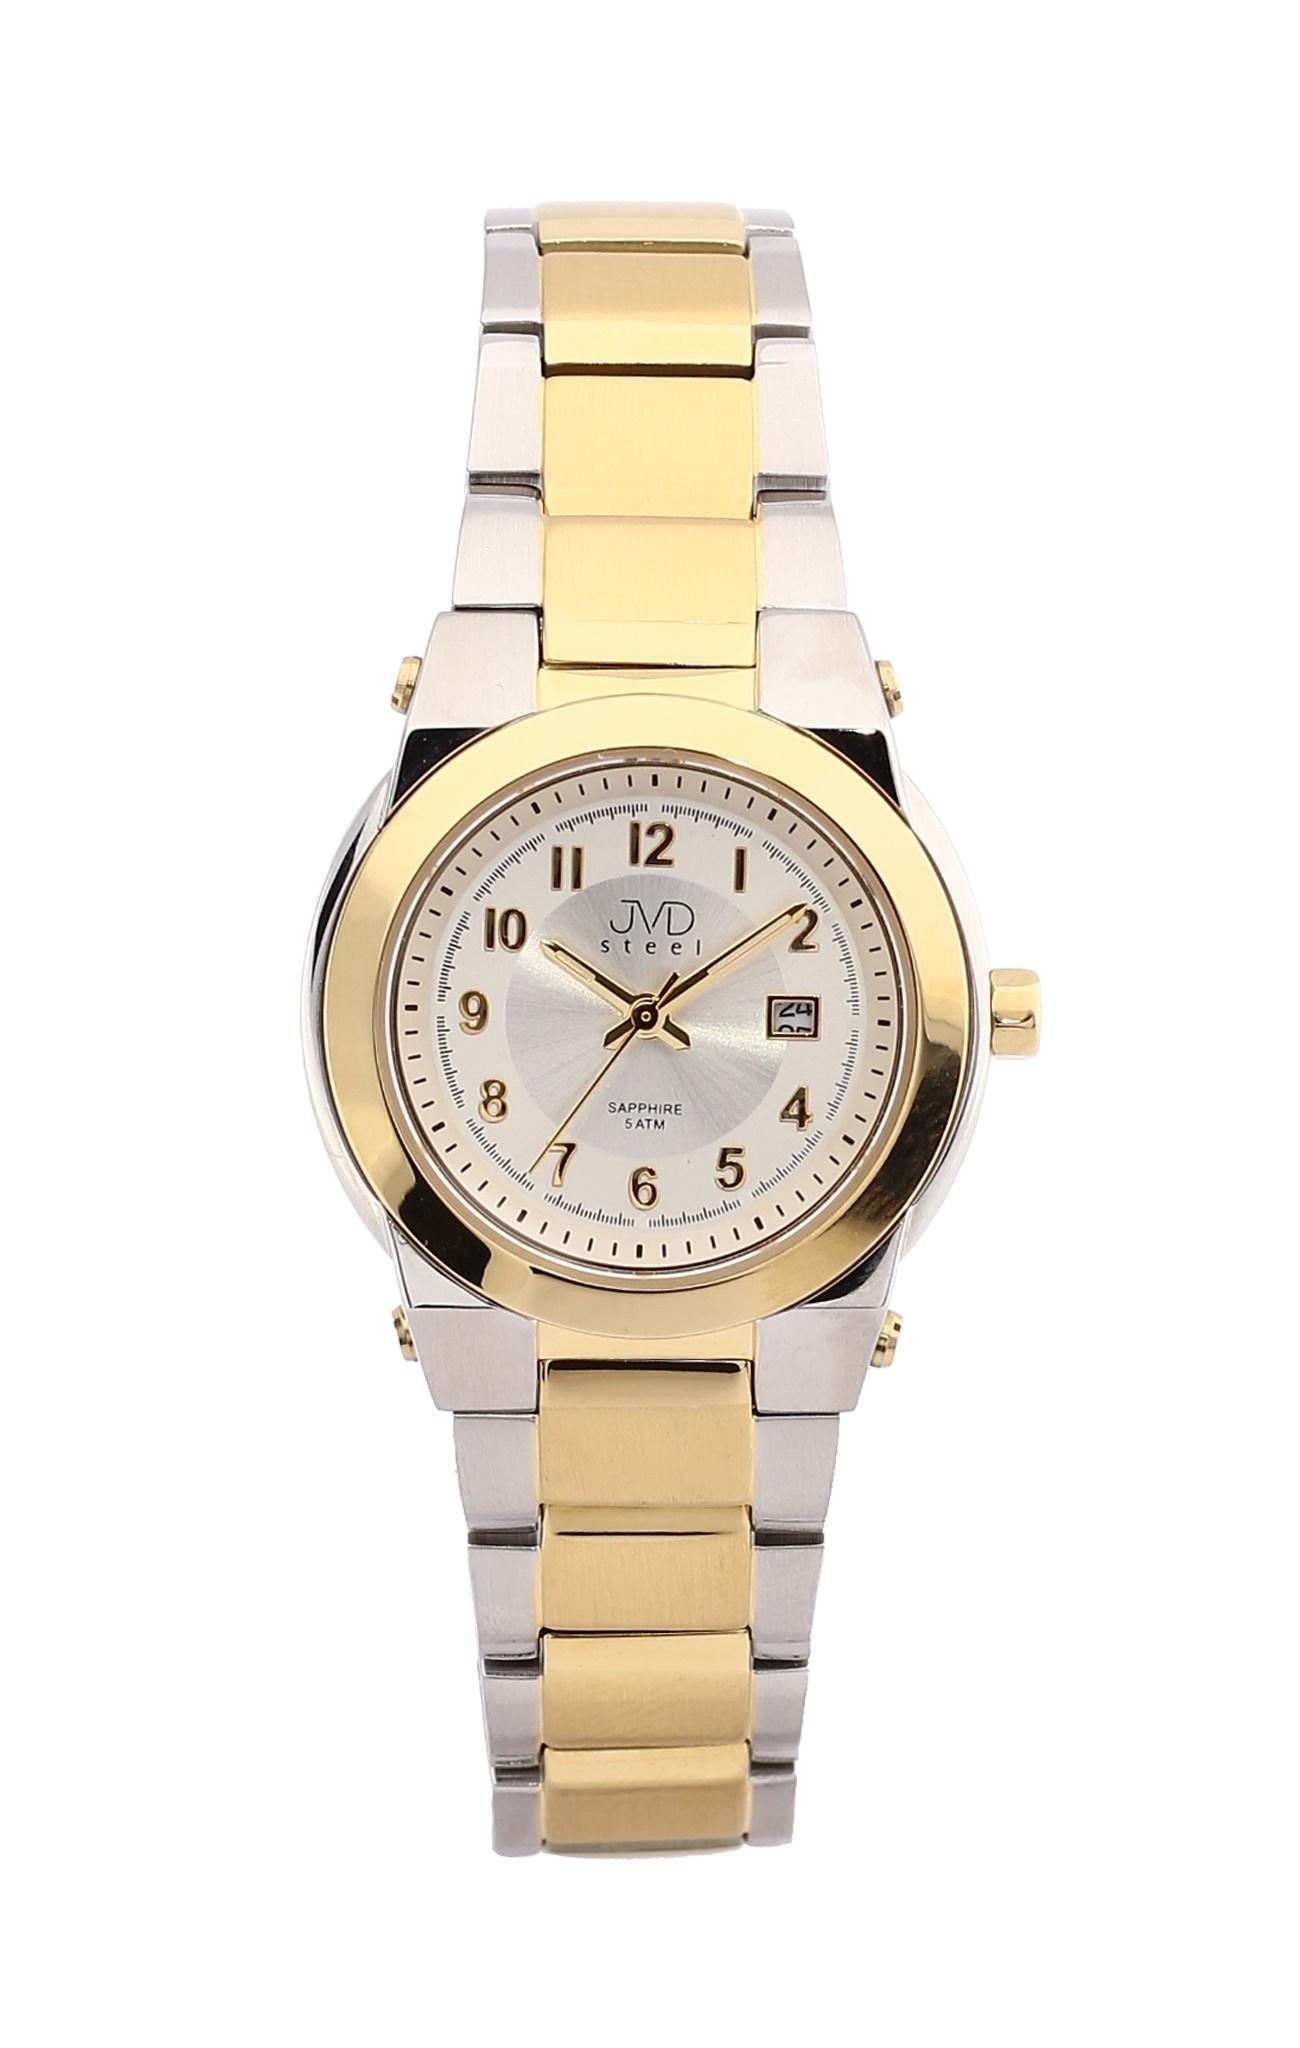 Dámské čitelné náramkové hodinky se safírovým sklem JVD J4124.2 (POŠTOVNÉ ZDARMA!!)